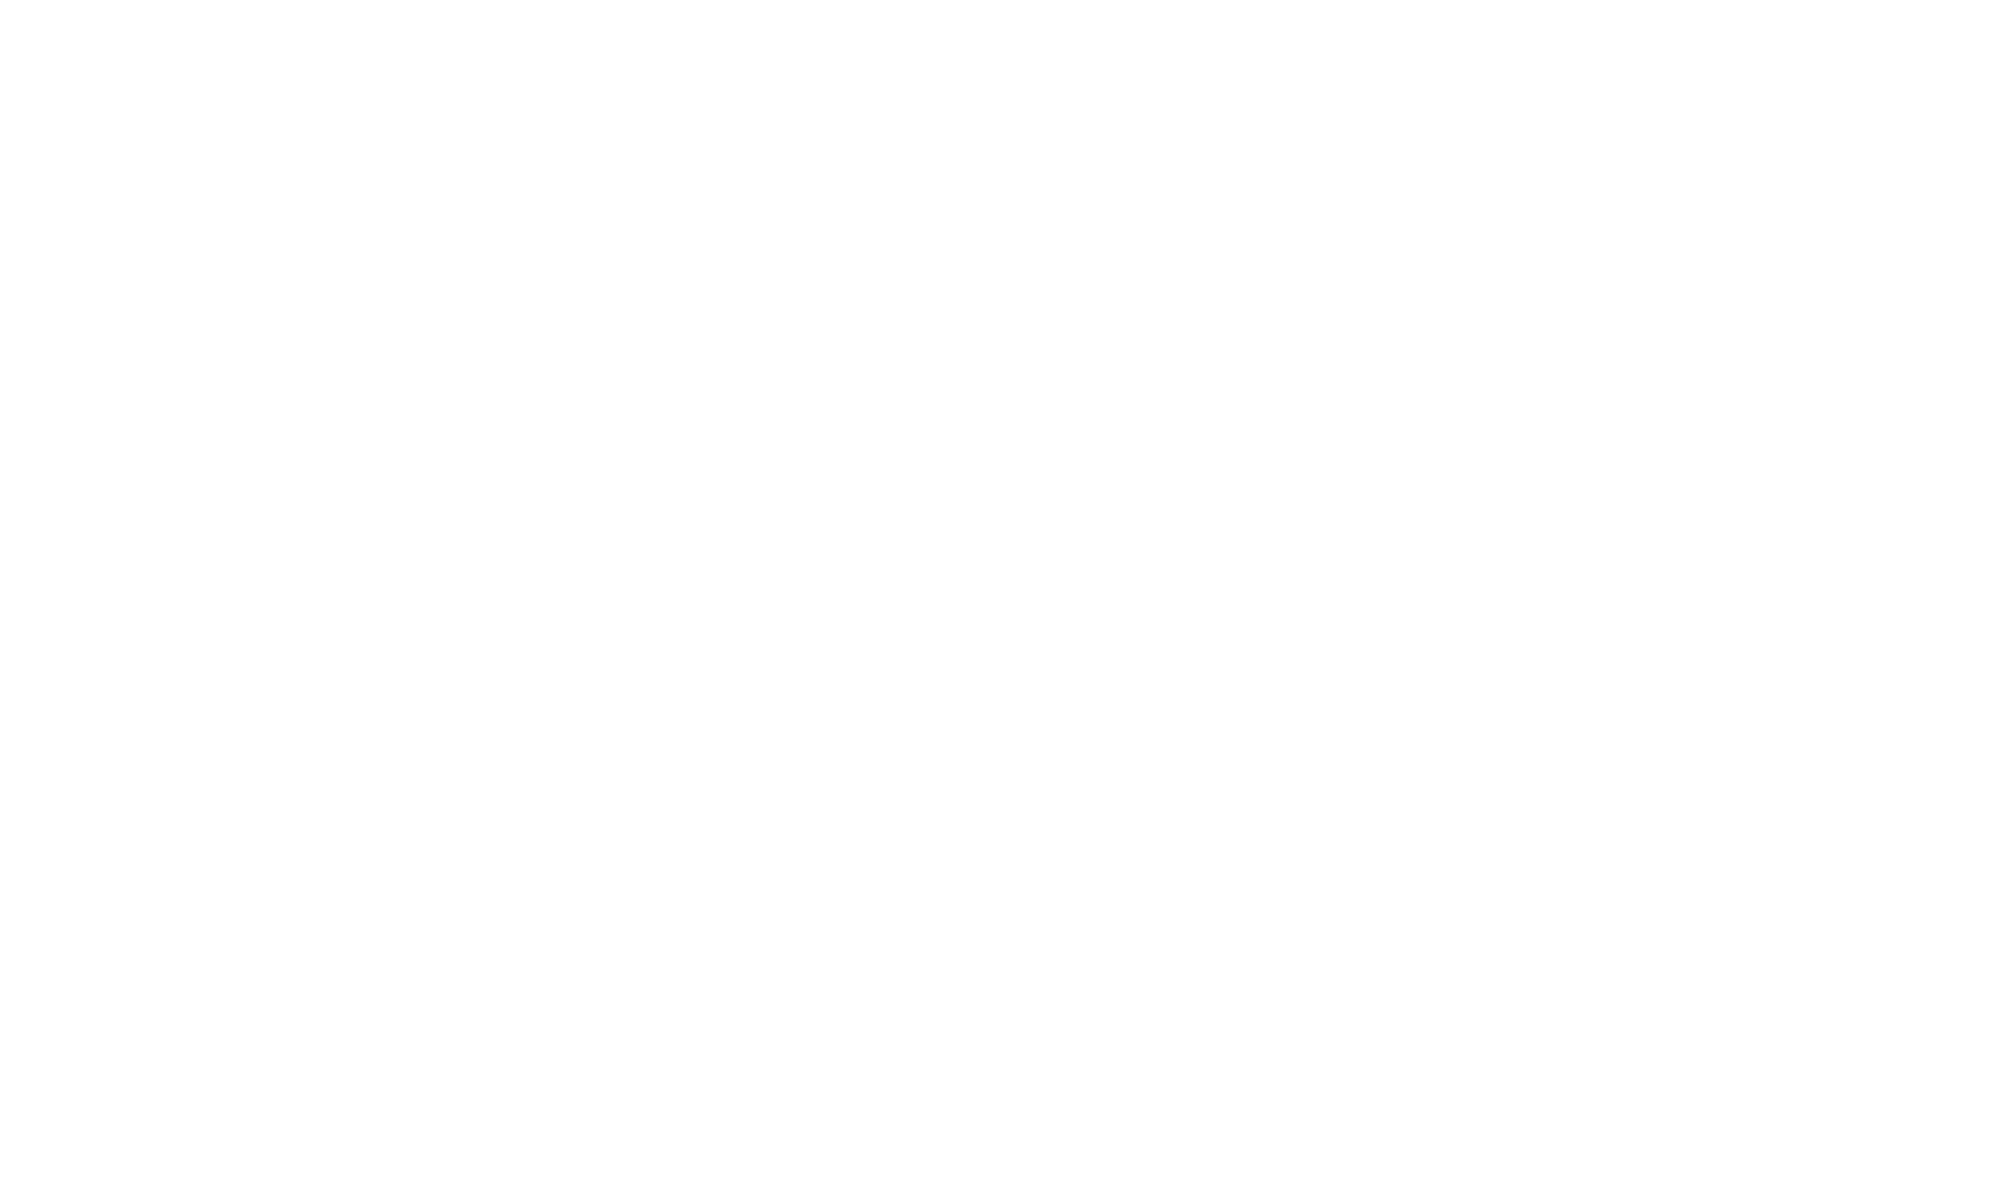 nibue